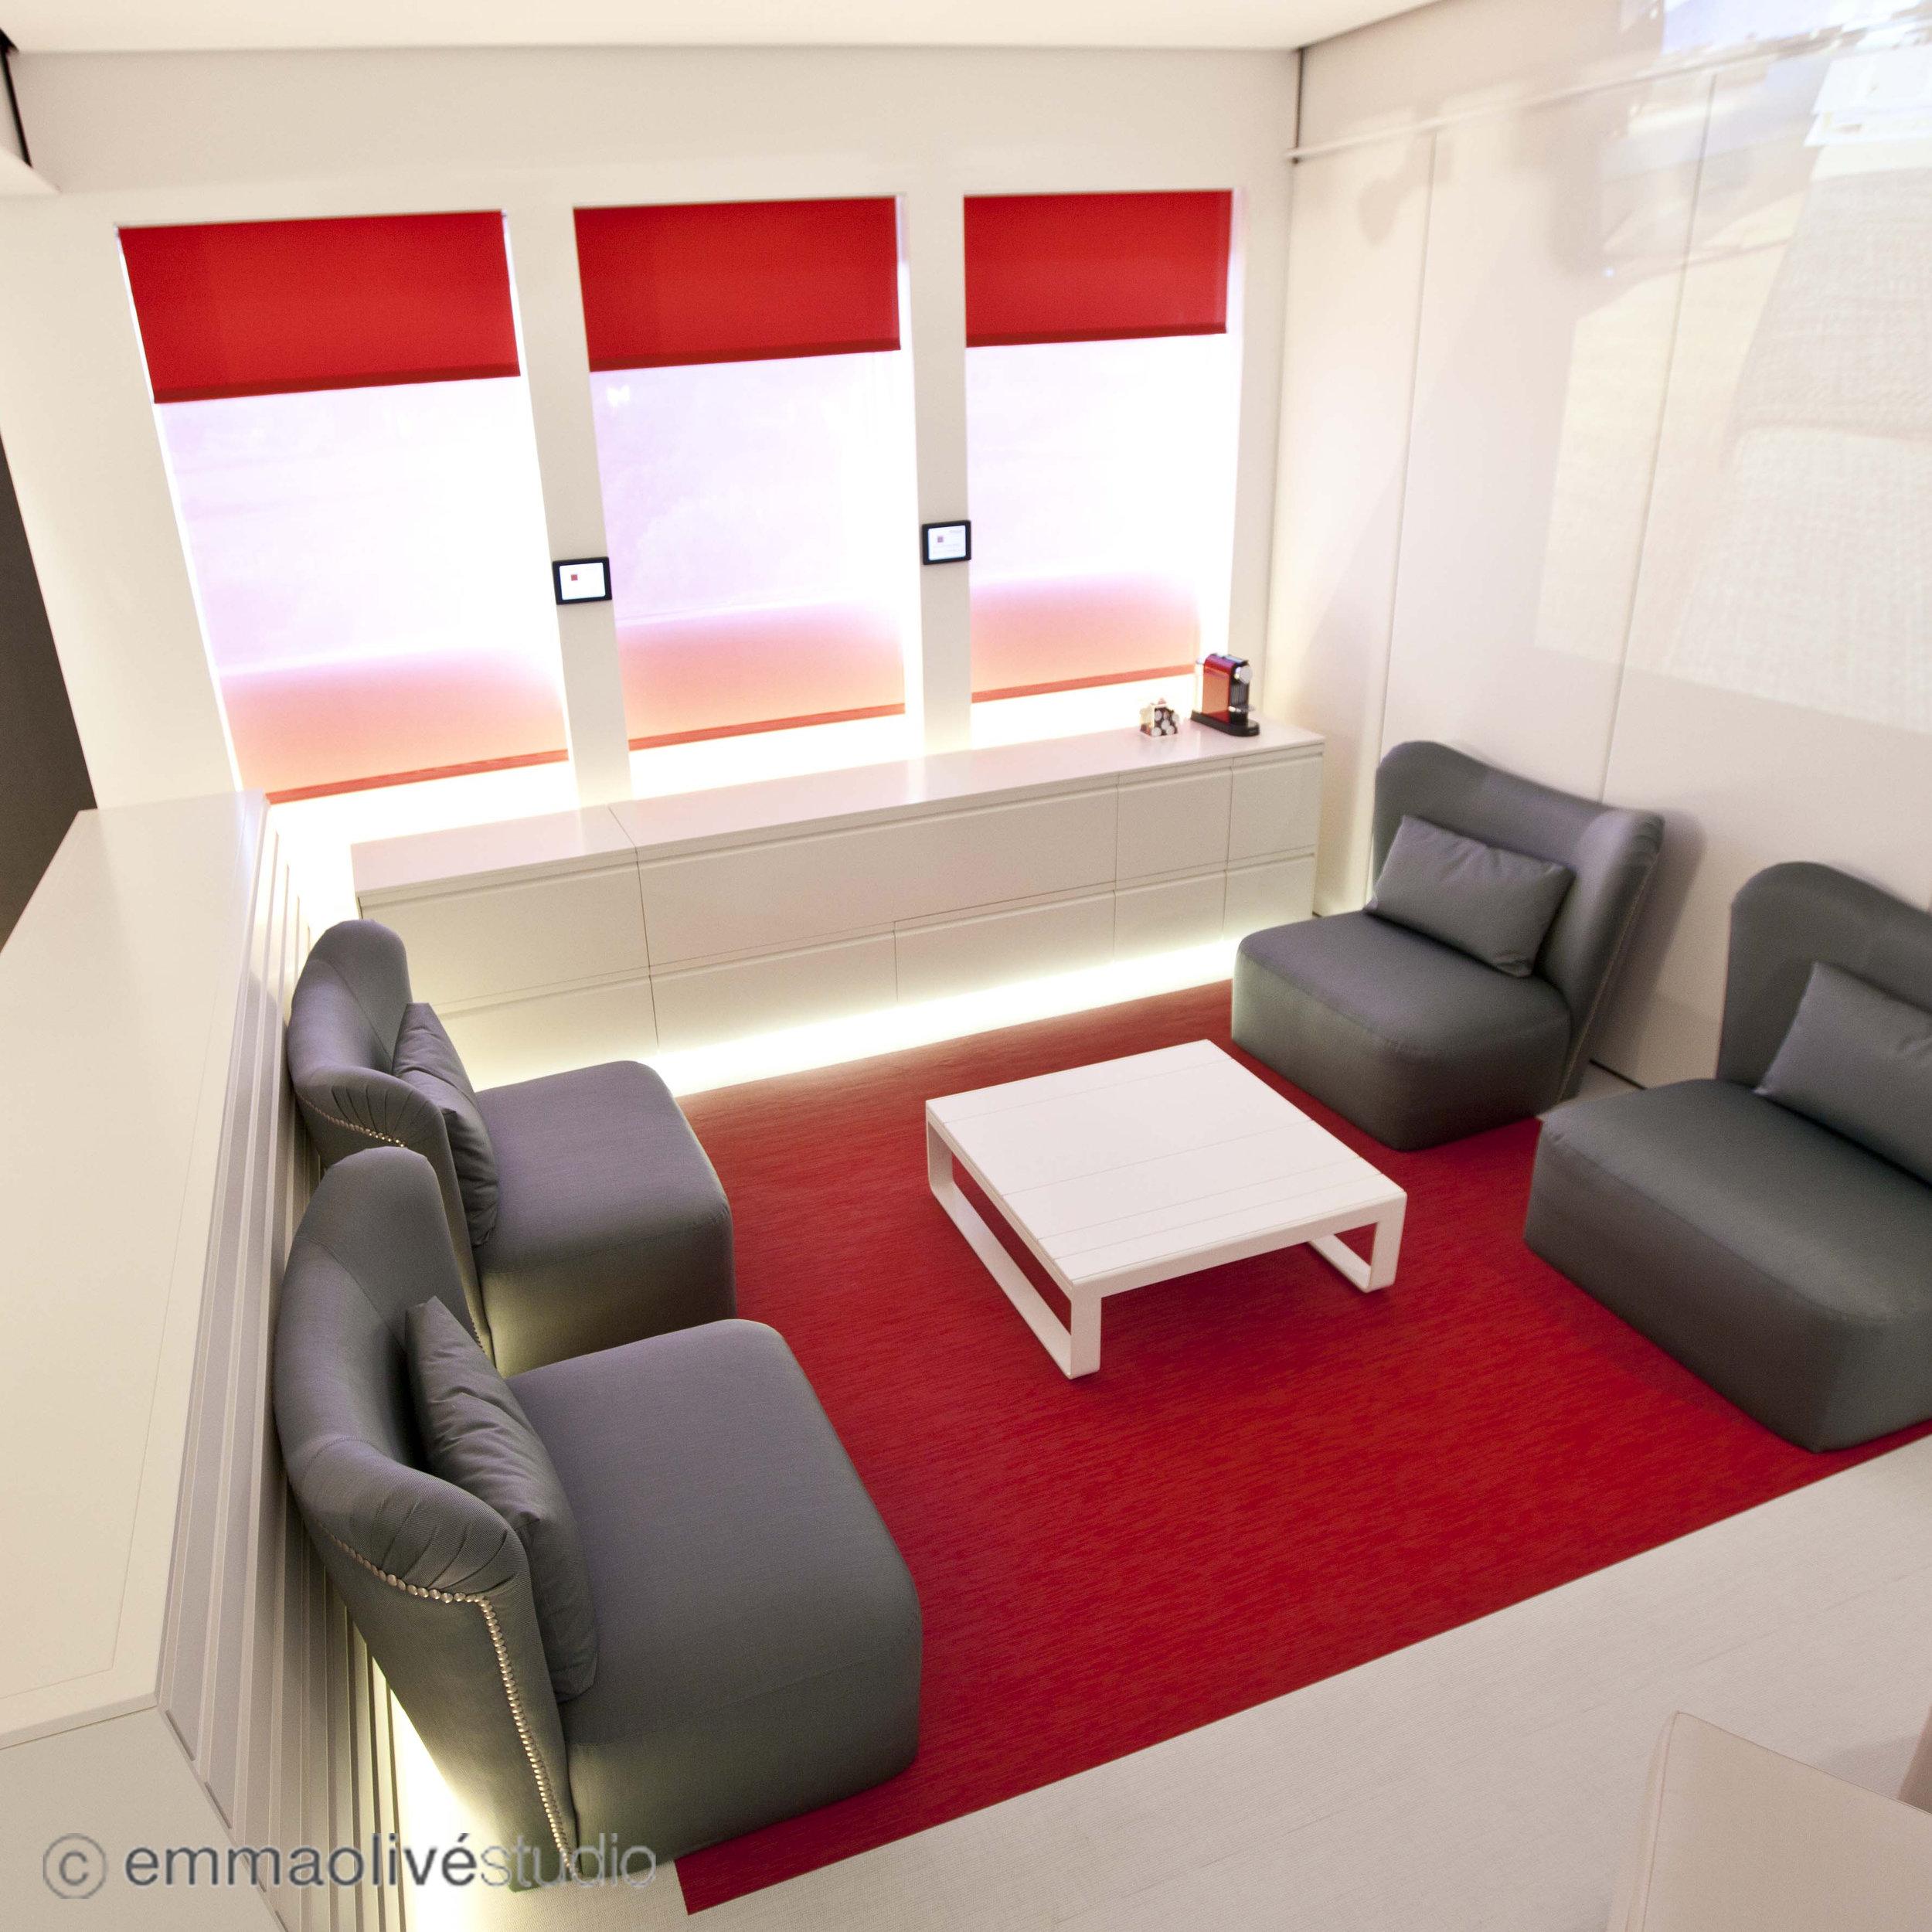 showroom_08.jpg